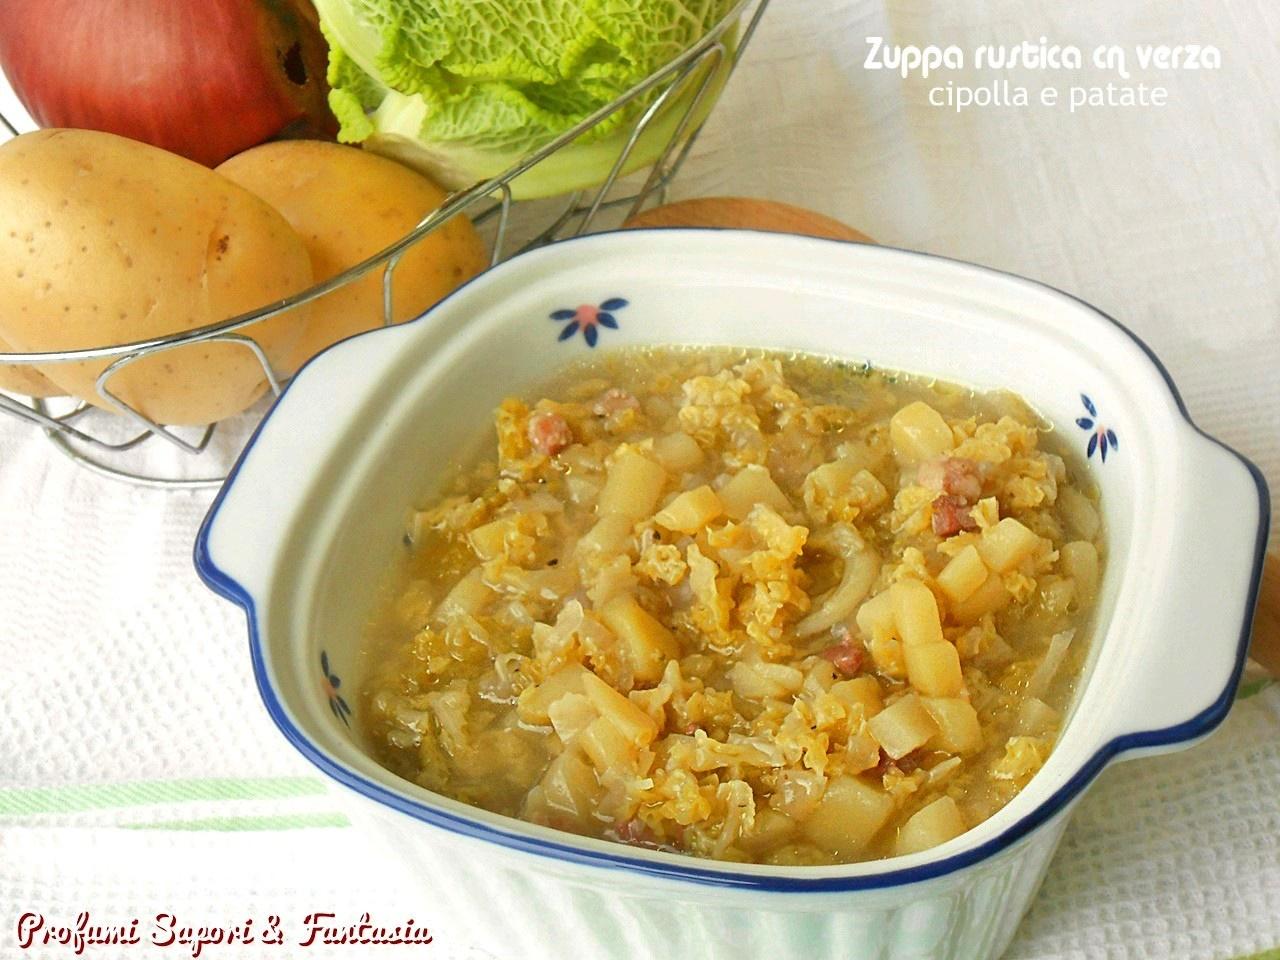 Zuppa rustica con verza cipolla e patate ok